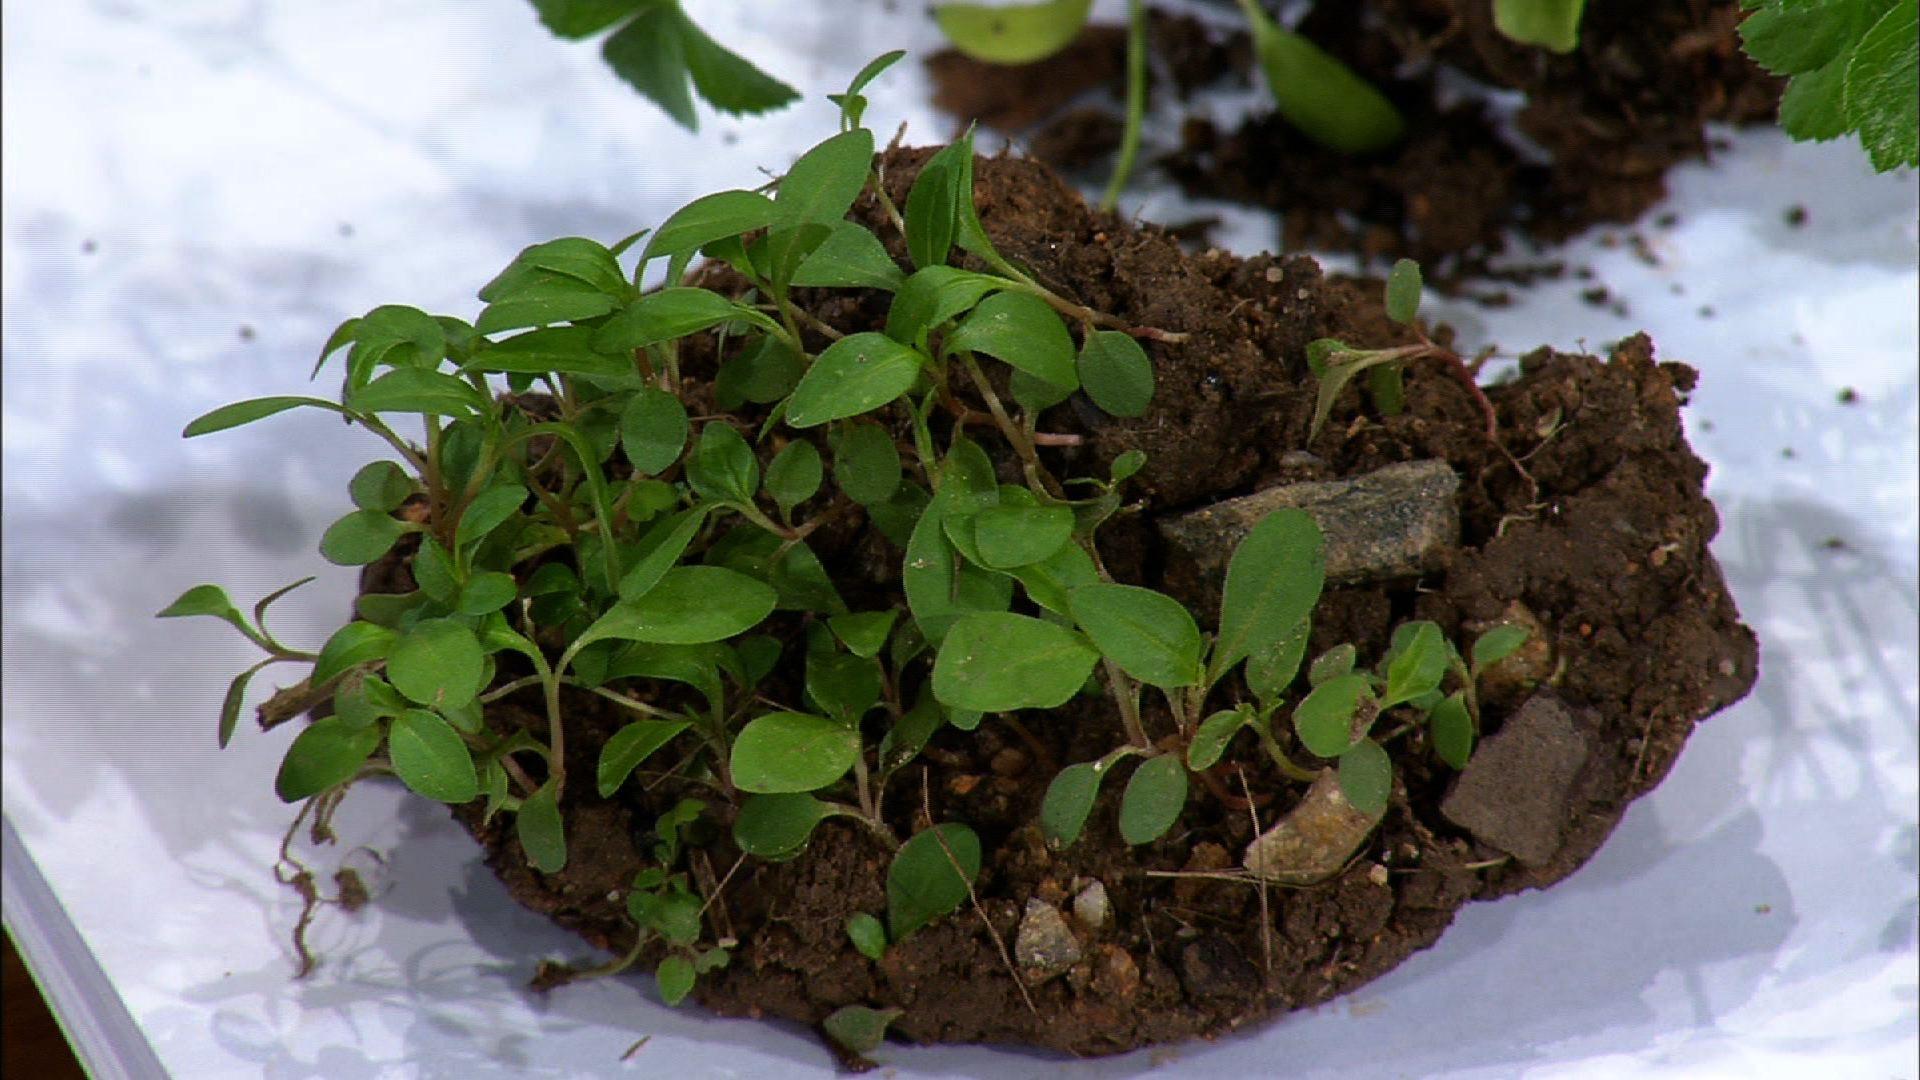 Planting Helleborus Plants image